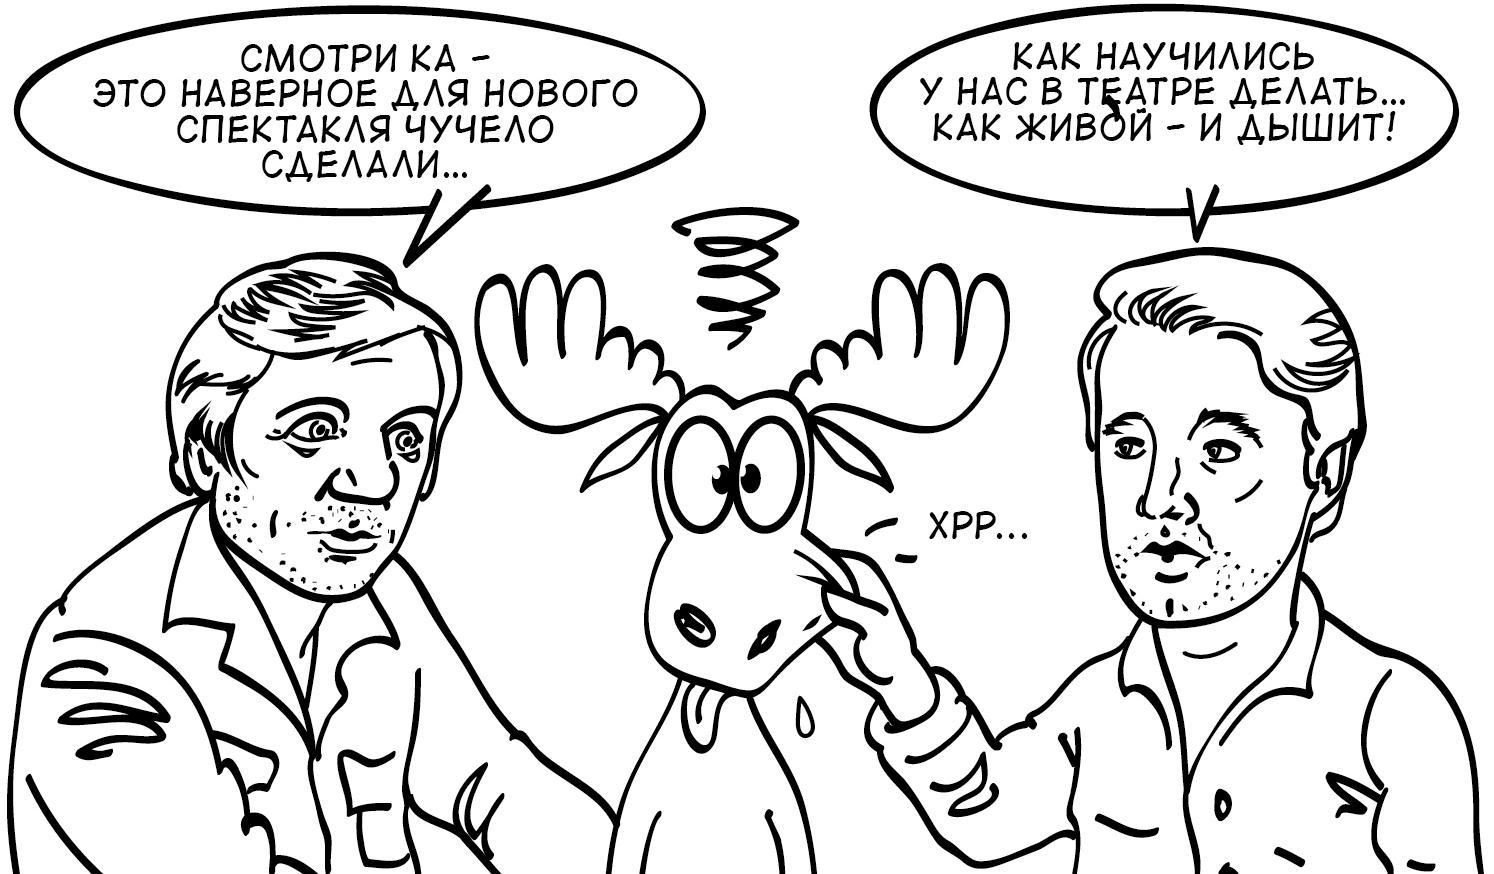 Комиксы о Новом театре